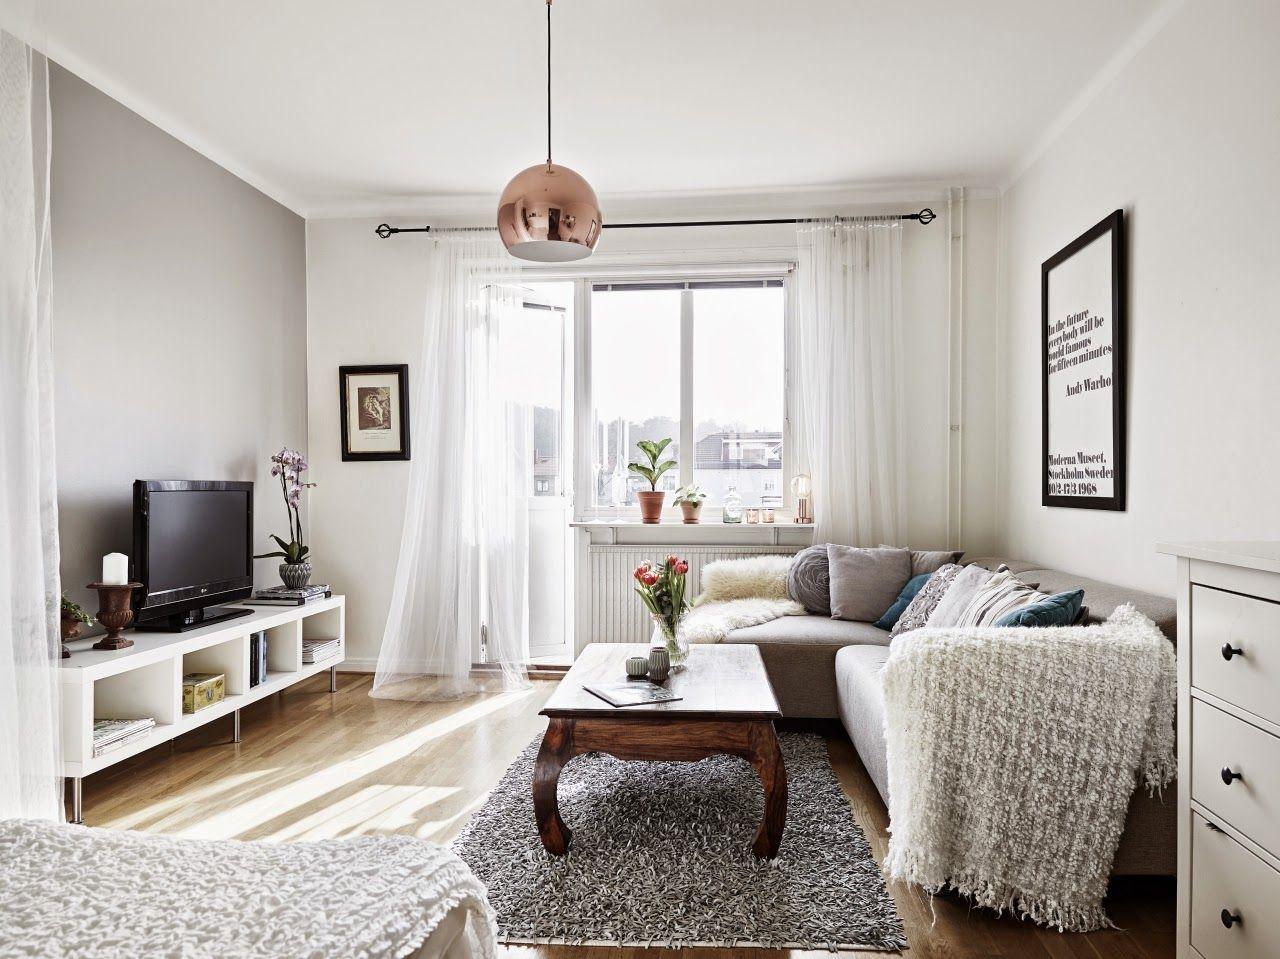 Inspiraci n deco blanco y gris en un apartamento de for Decoracion piso gris